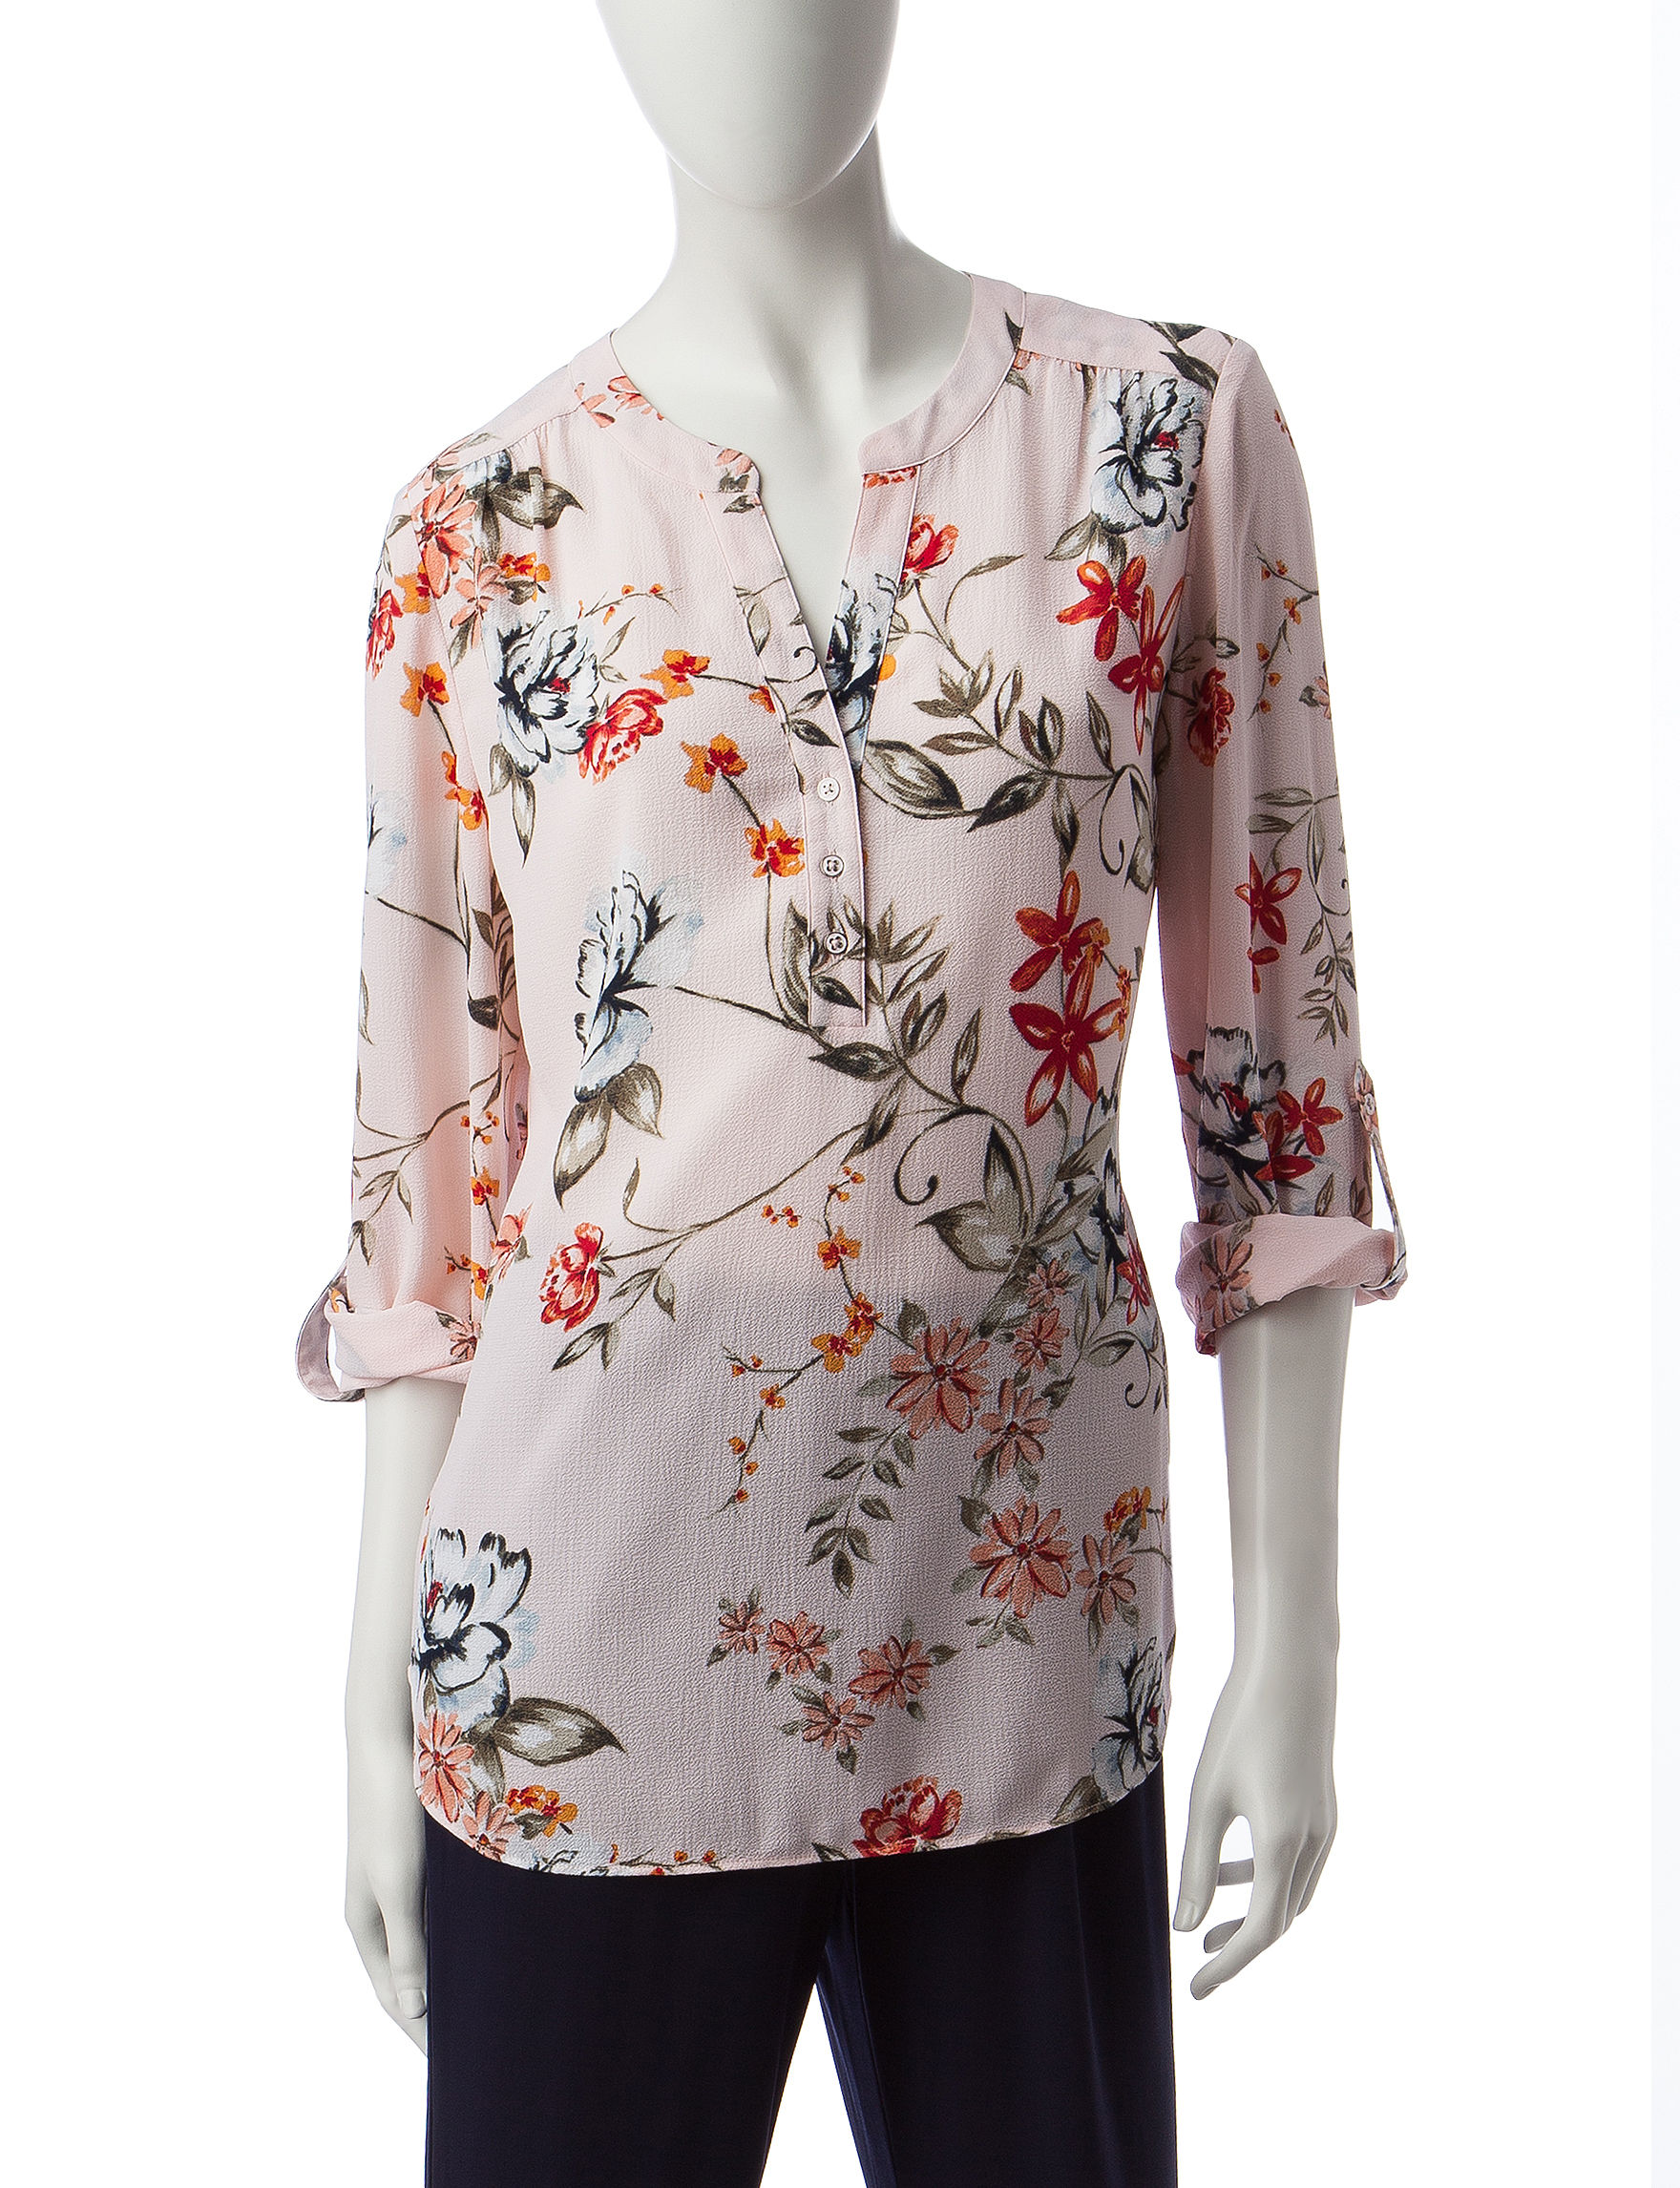 Valerie Stevens Pink Floral Shirts & Blouses